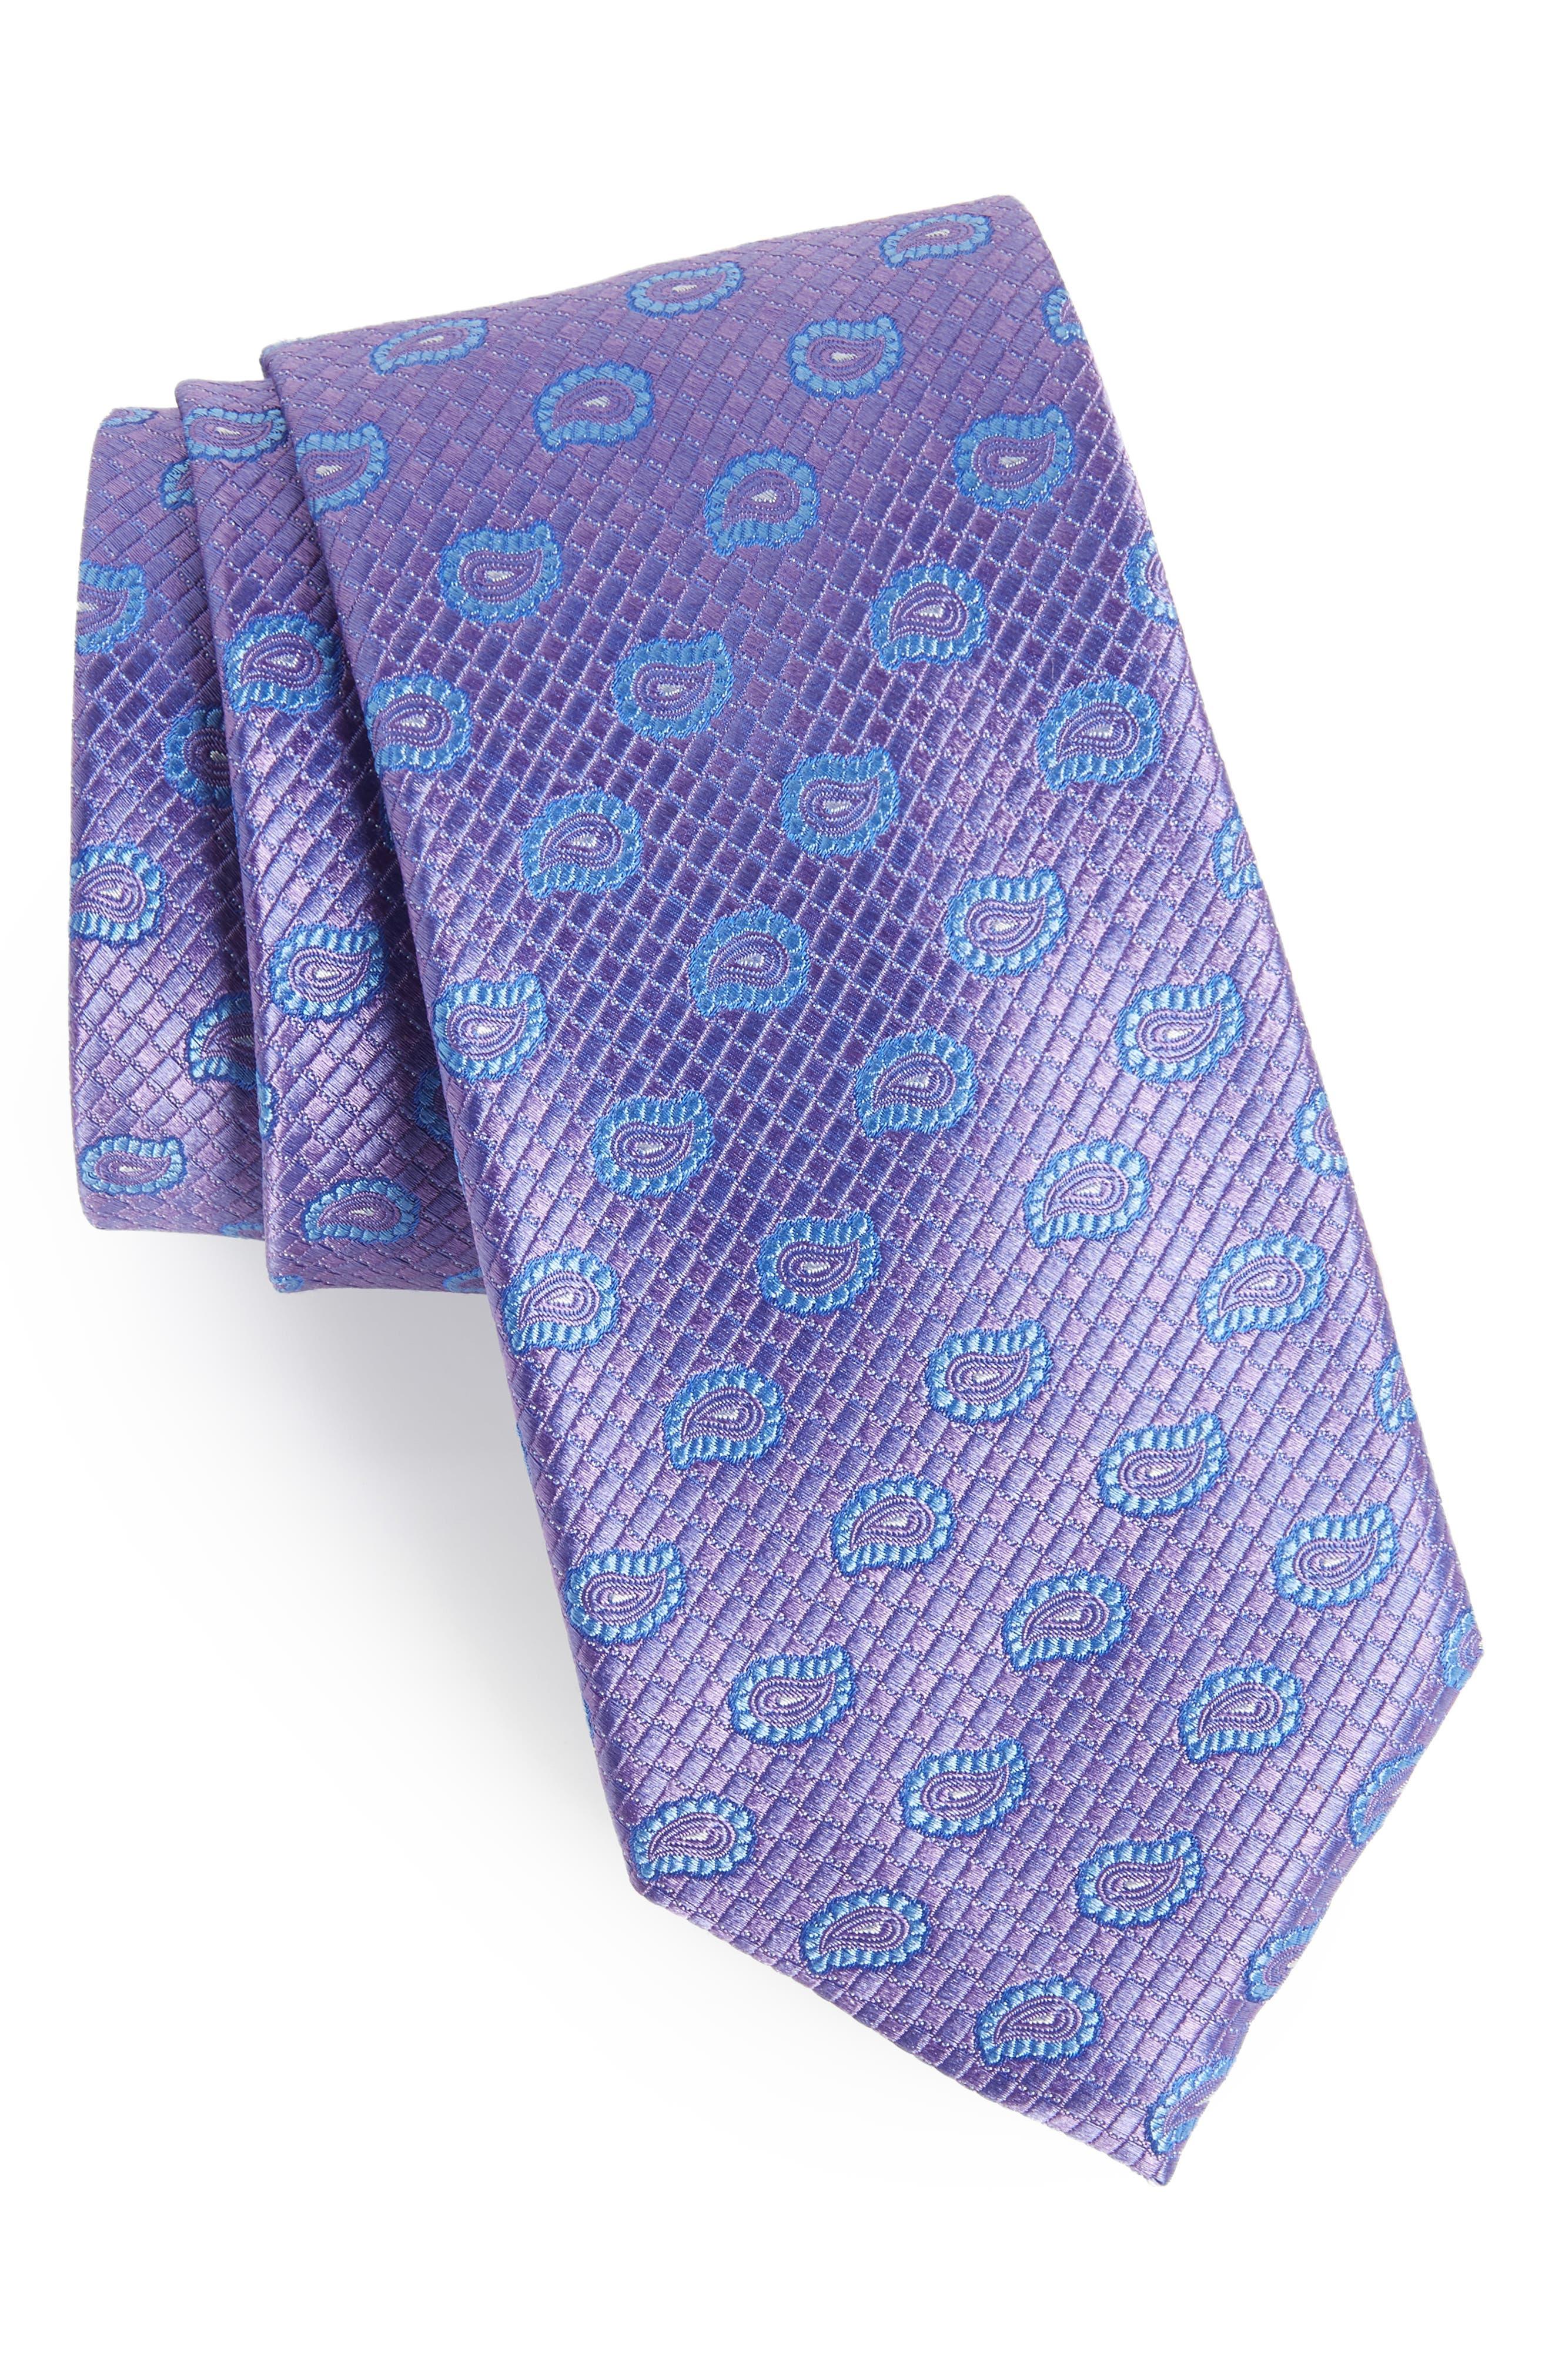 Clarksonton Paisley Silk Tie,                         Main,                         color, LILAC